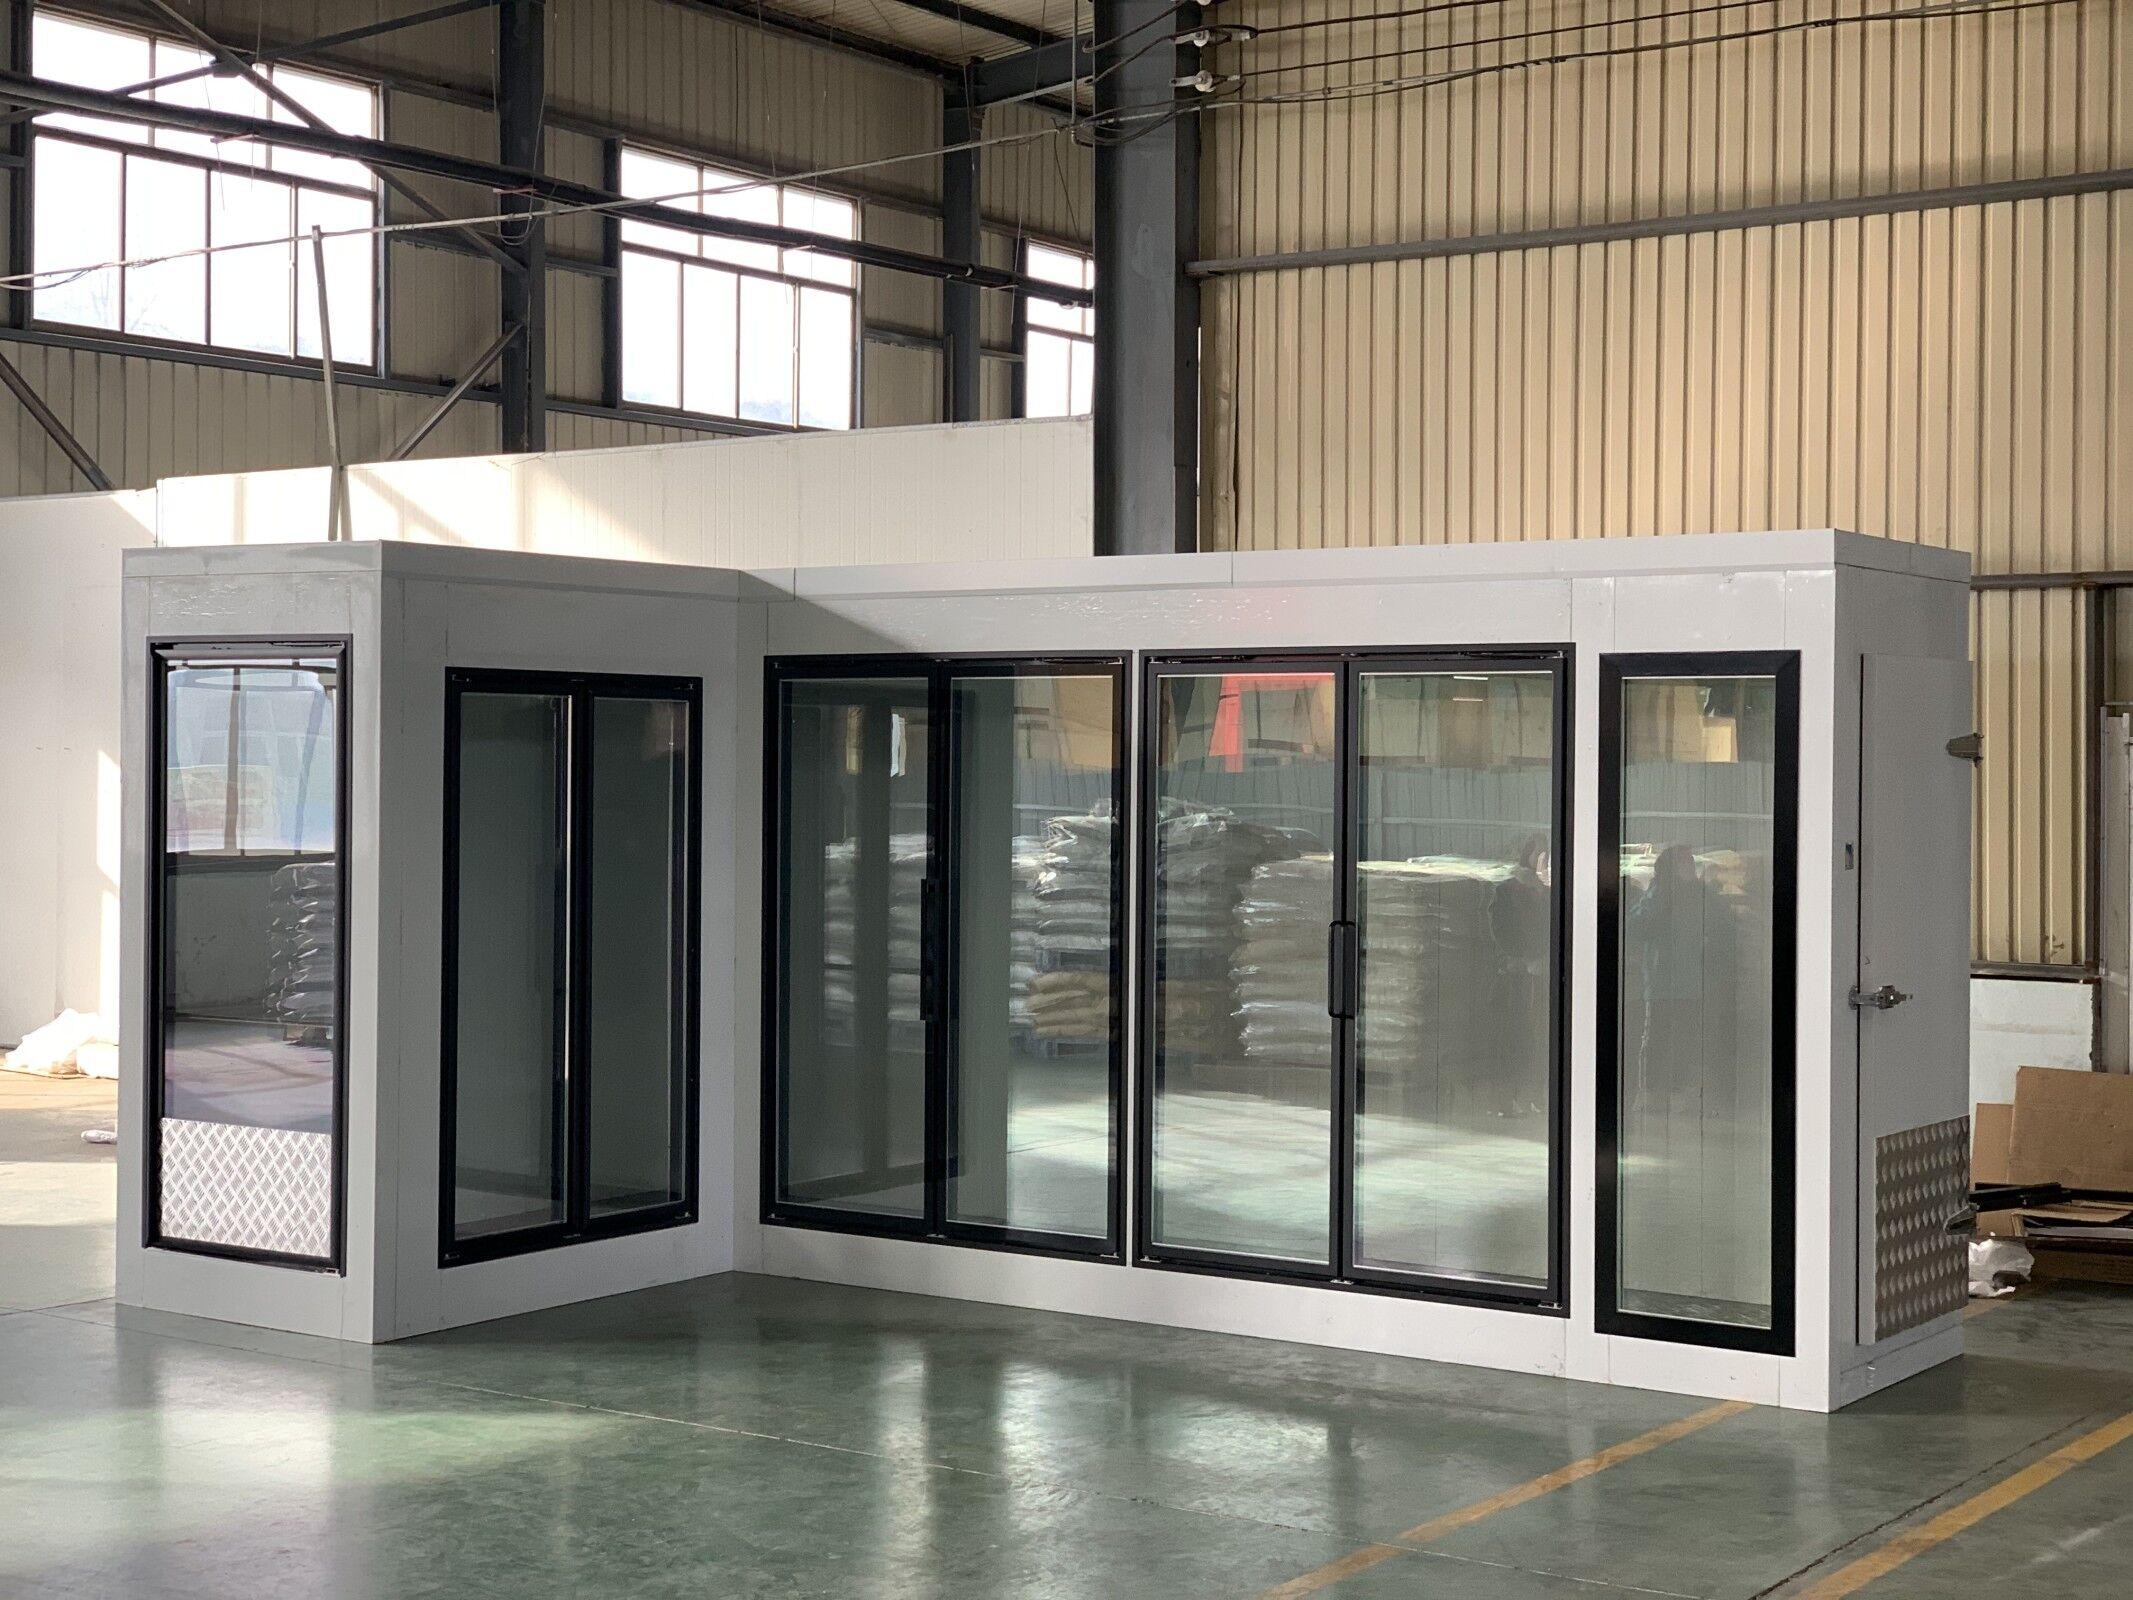 <p>Cooler glass door</p> - Industrial and comercial refrigeración equipment